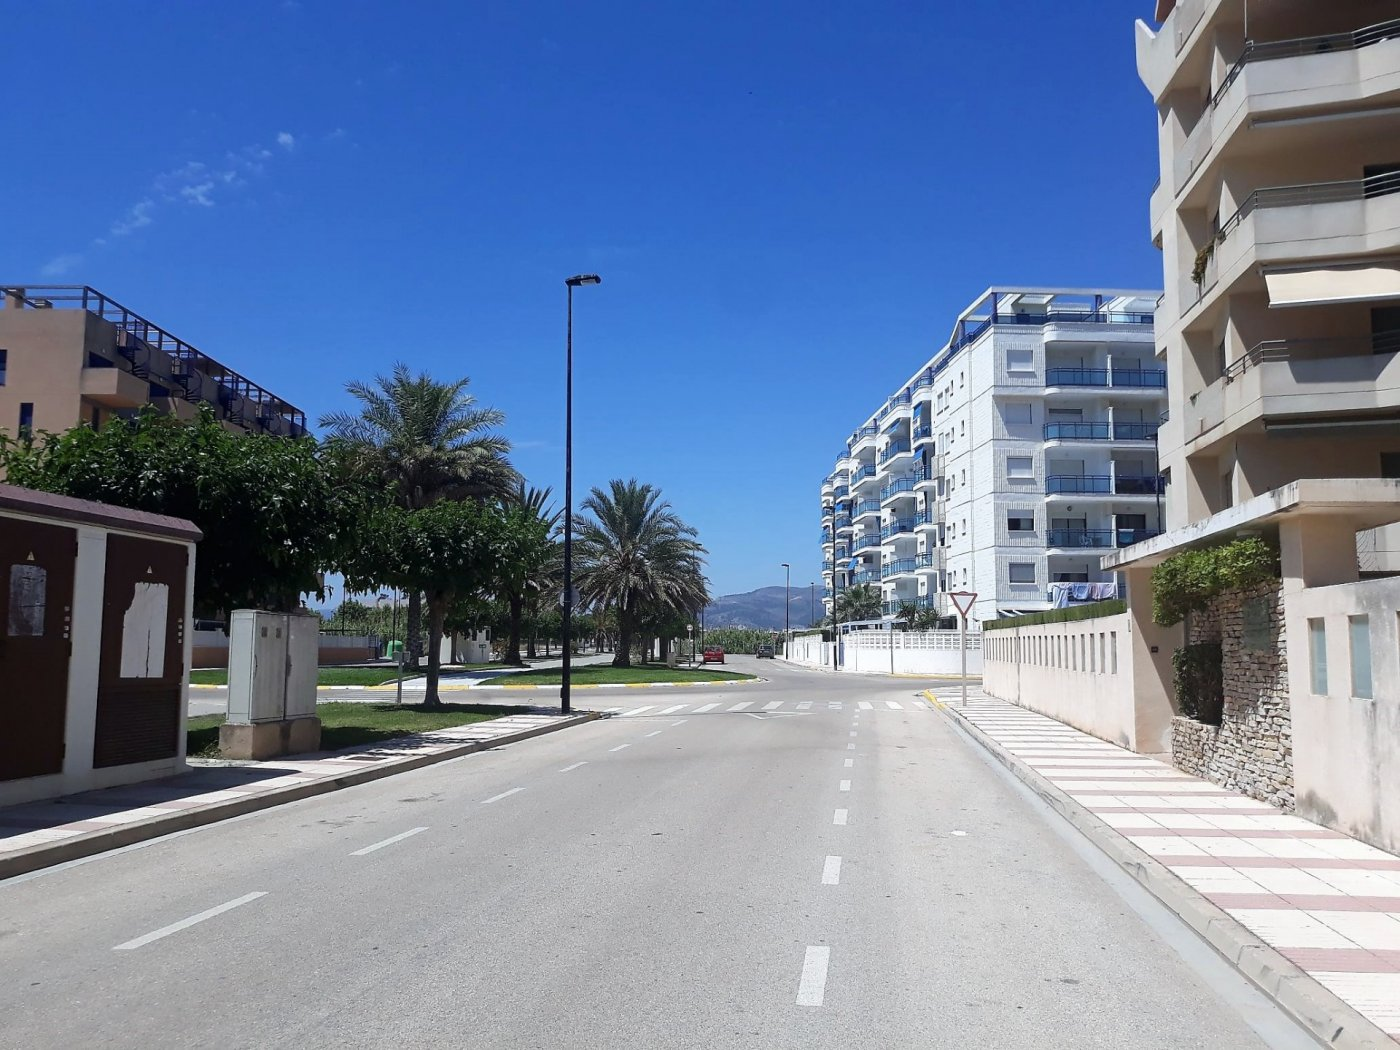 Aparcament cotxe  Avenida roger de lauria. Garaje en residencial san luis, playa de daimus